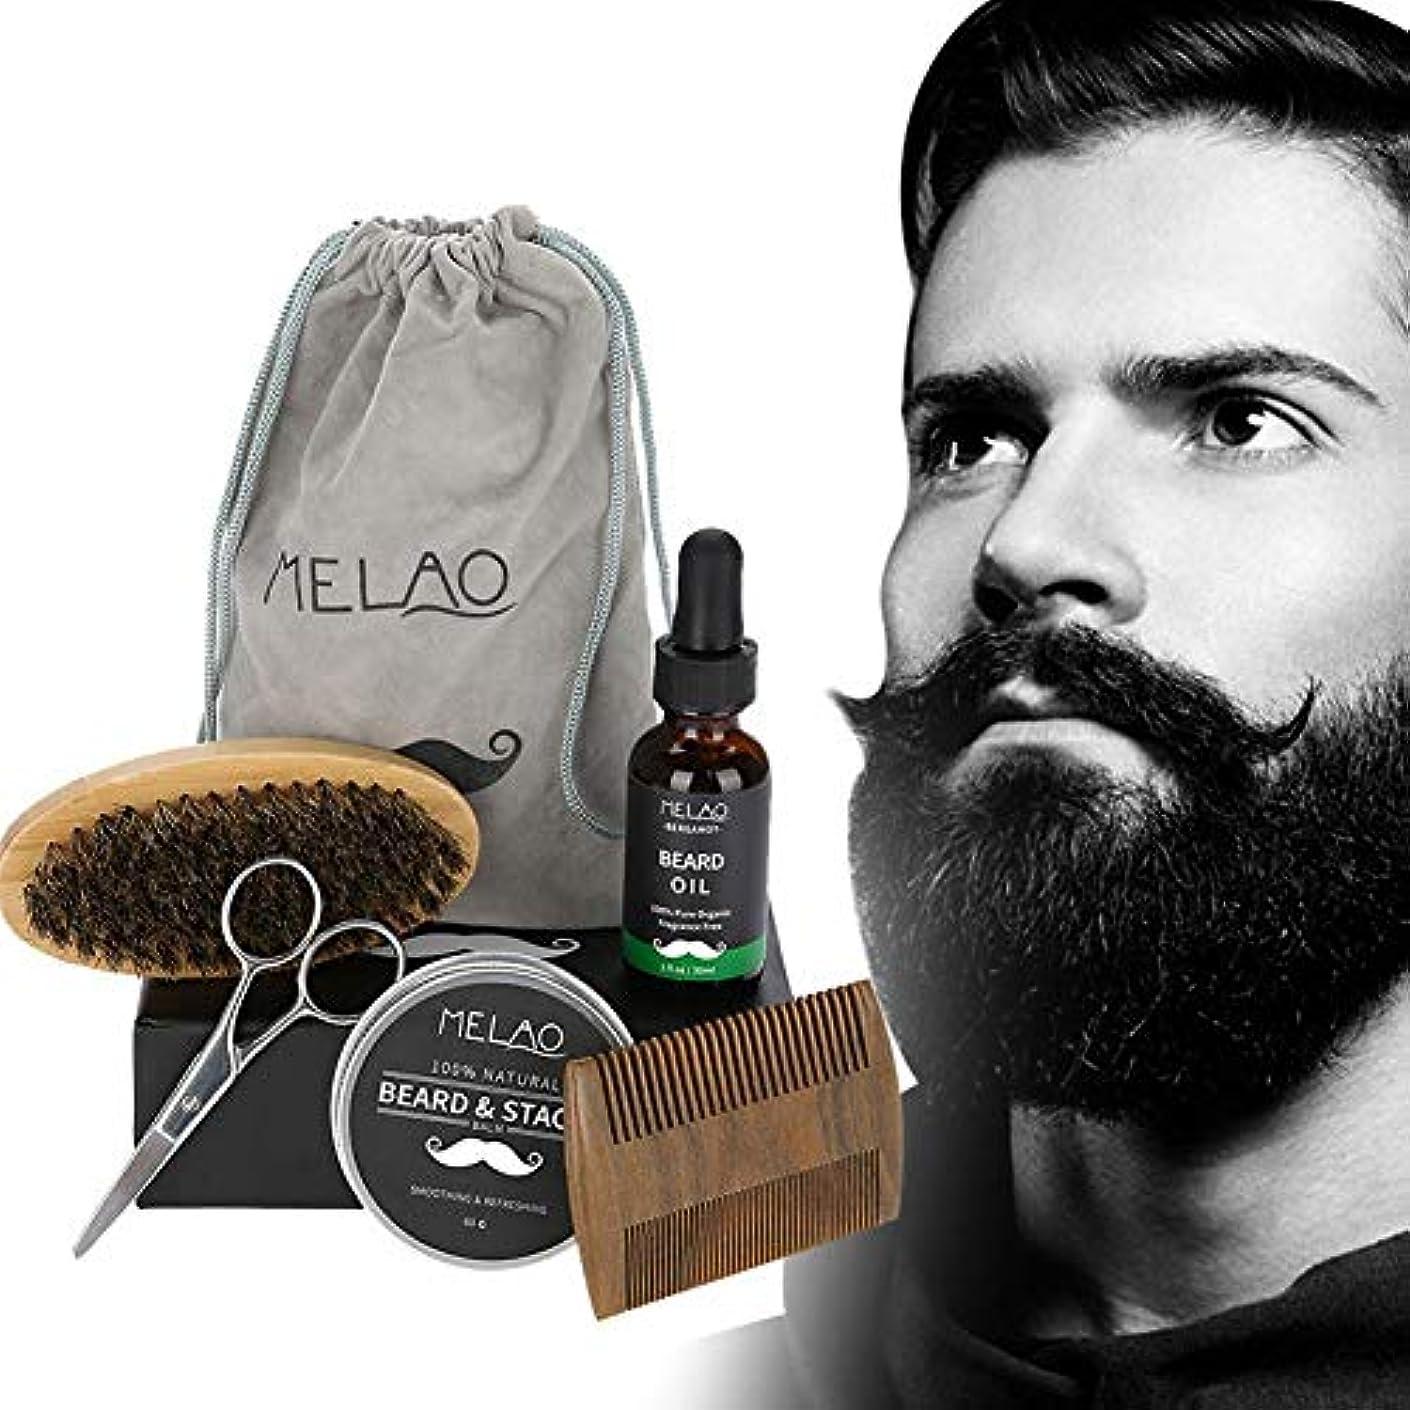 ポーチデッドロック抵抗力があるビアードケアセット、髭ケア必需品 メンズひげクリーム シェービングトリートメント 保湿/滋養/ 携帯便利 最高の贈り物